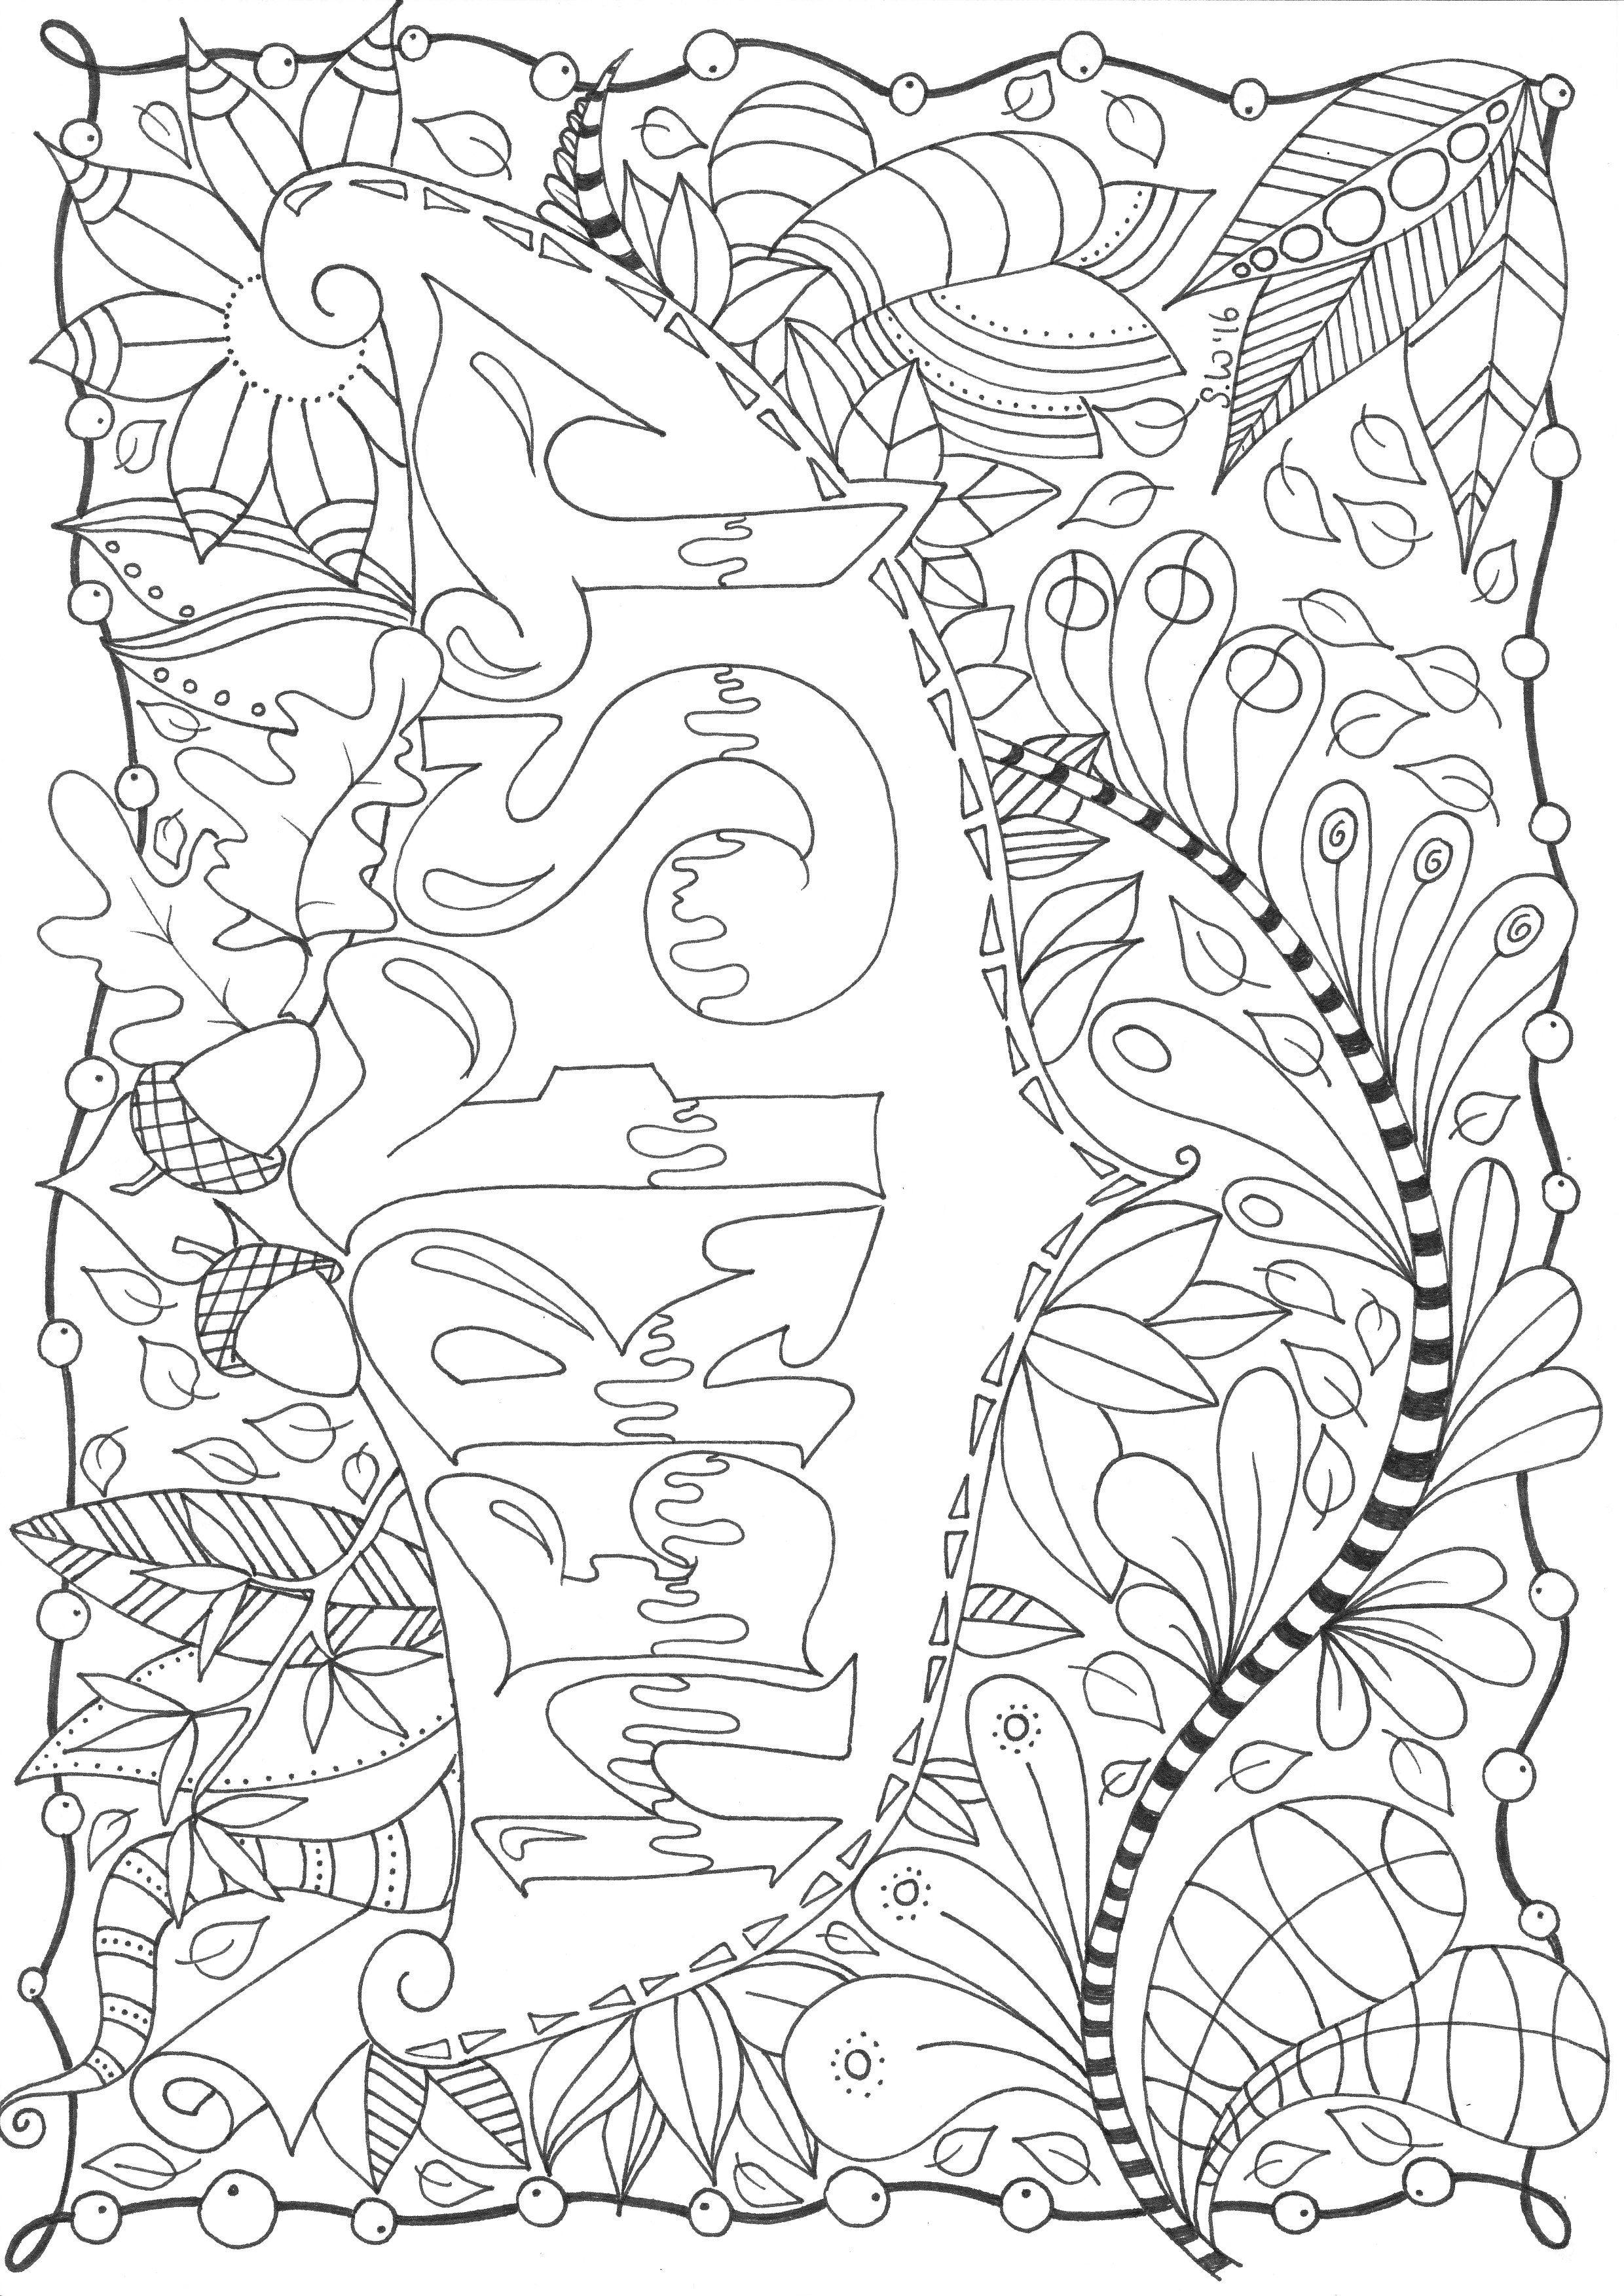 Kleurplaten Voor Volwassenen Pdf.Kleurplaten Herfst Volwassenen Ljt16 Agneswamu